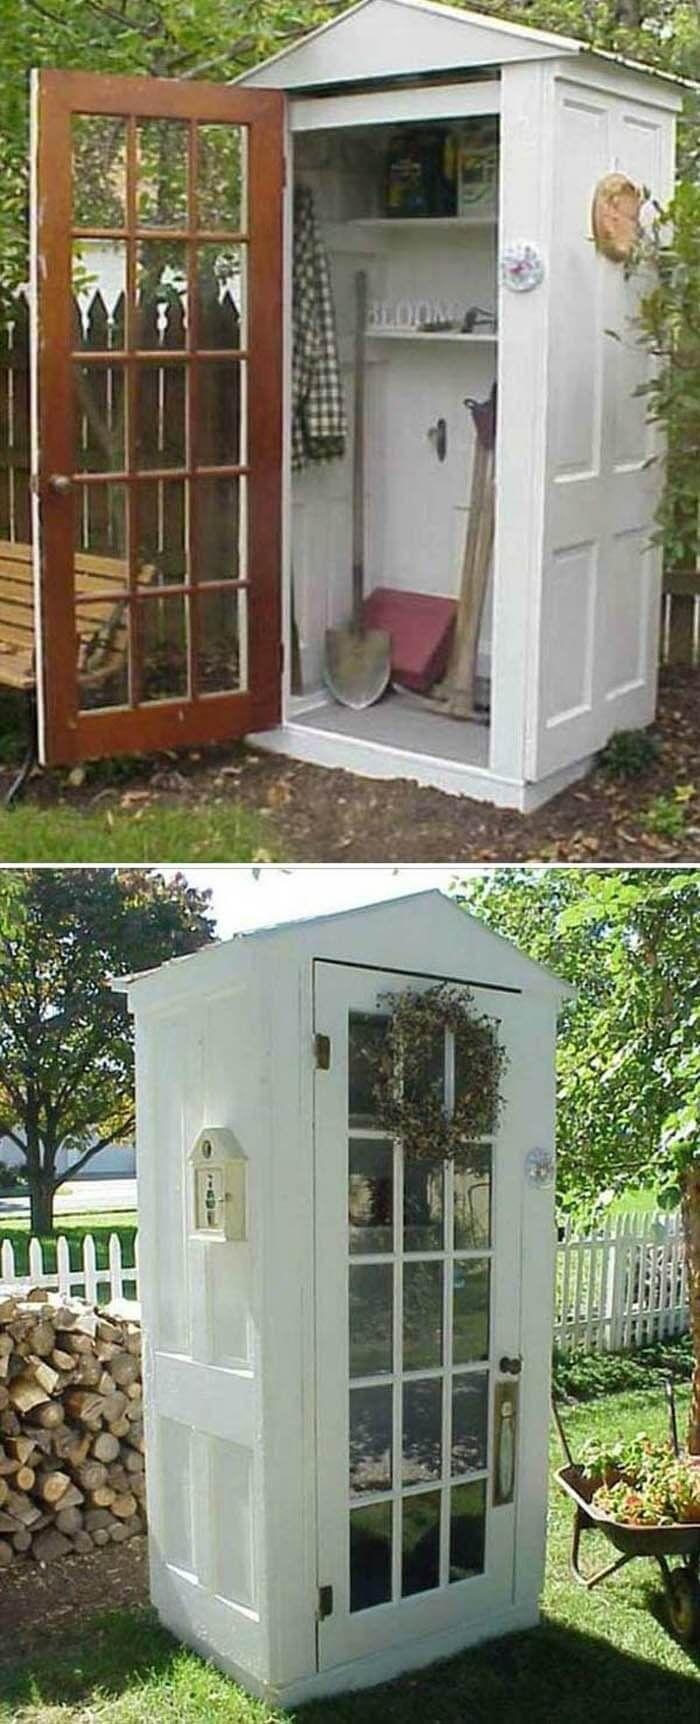 27 einzigartige kleine Lagerhausideen für Ihren Garten